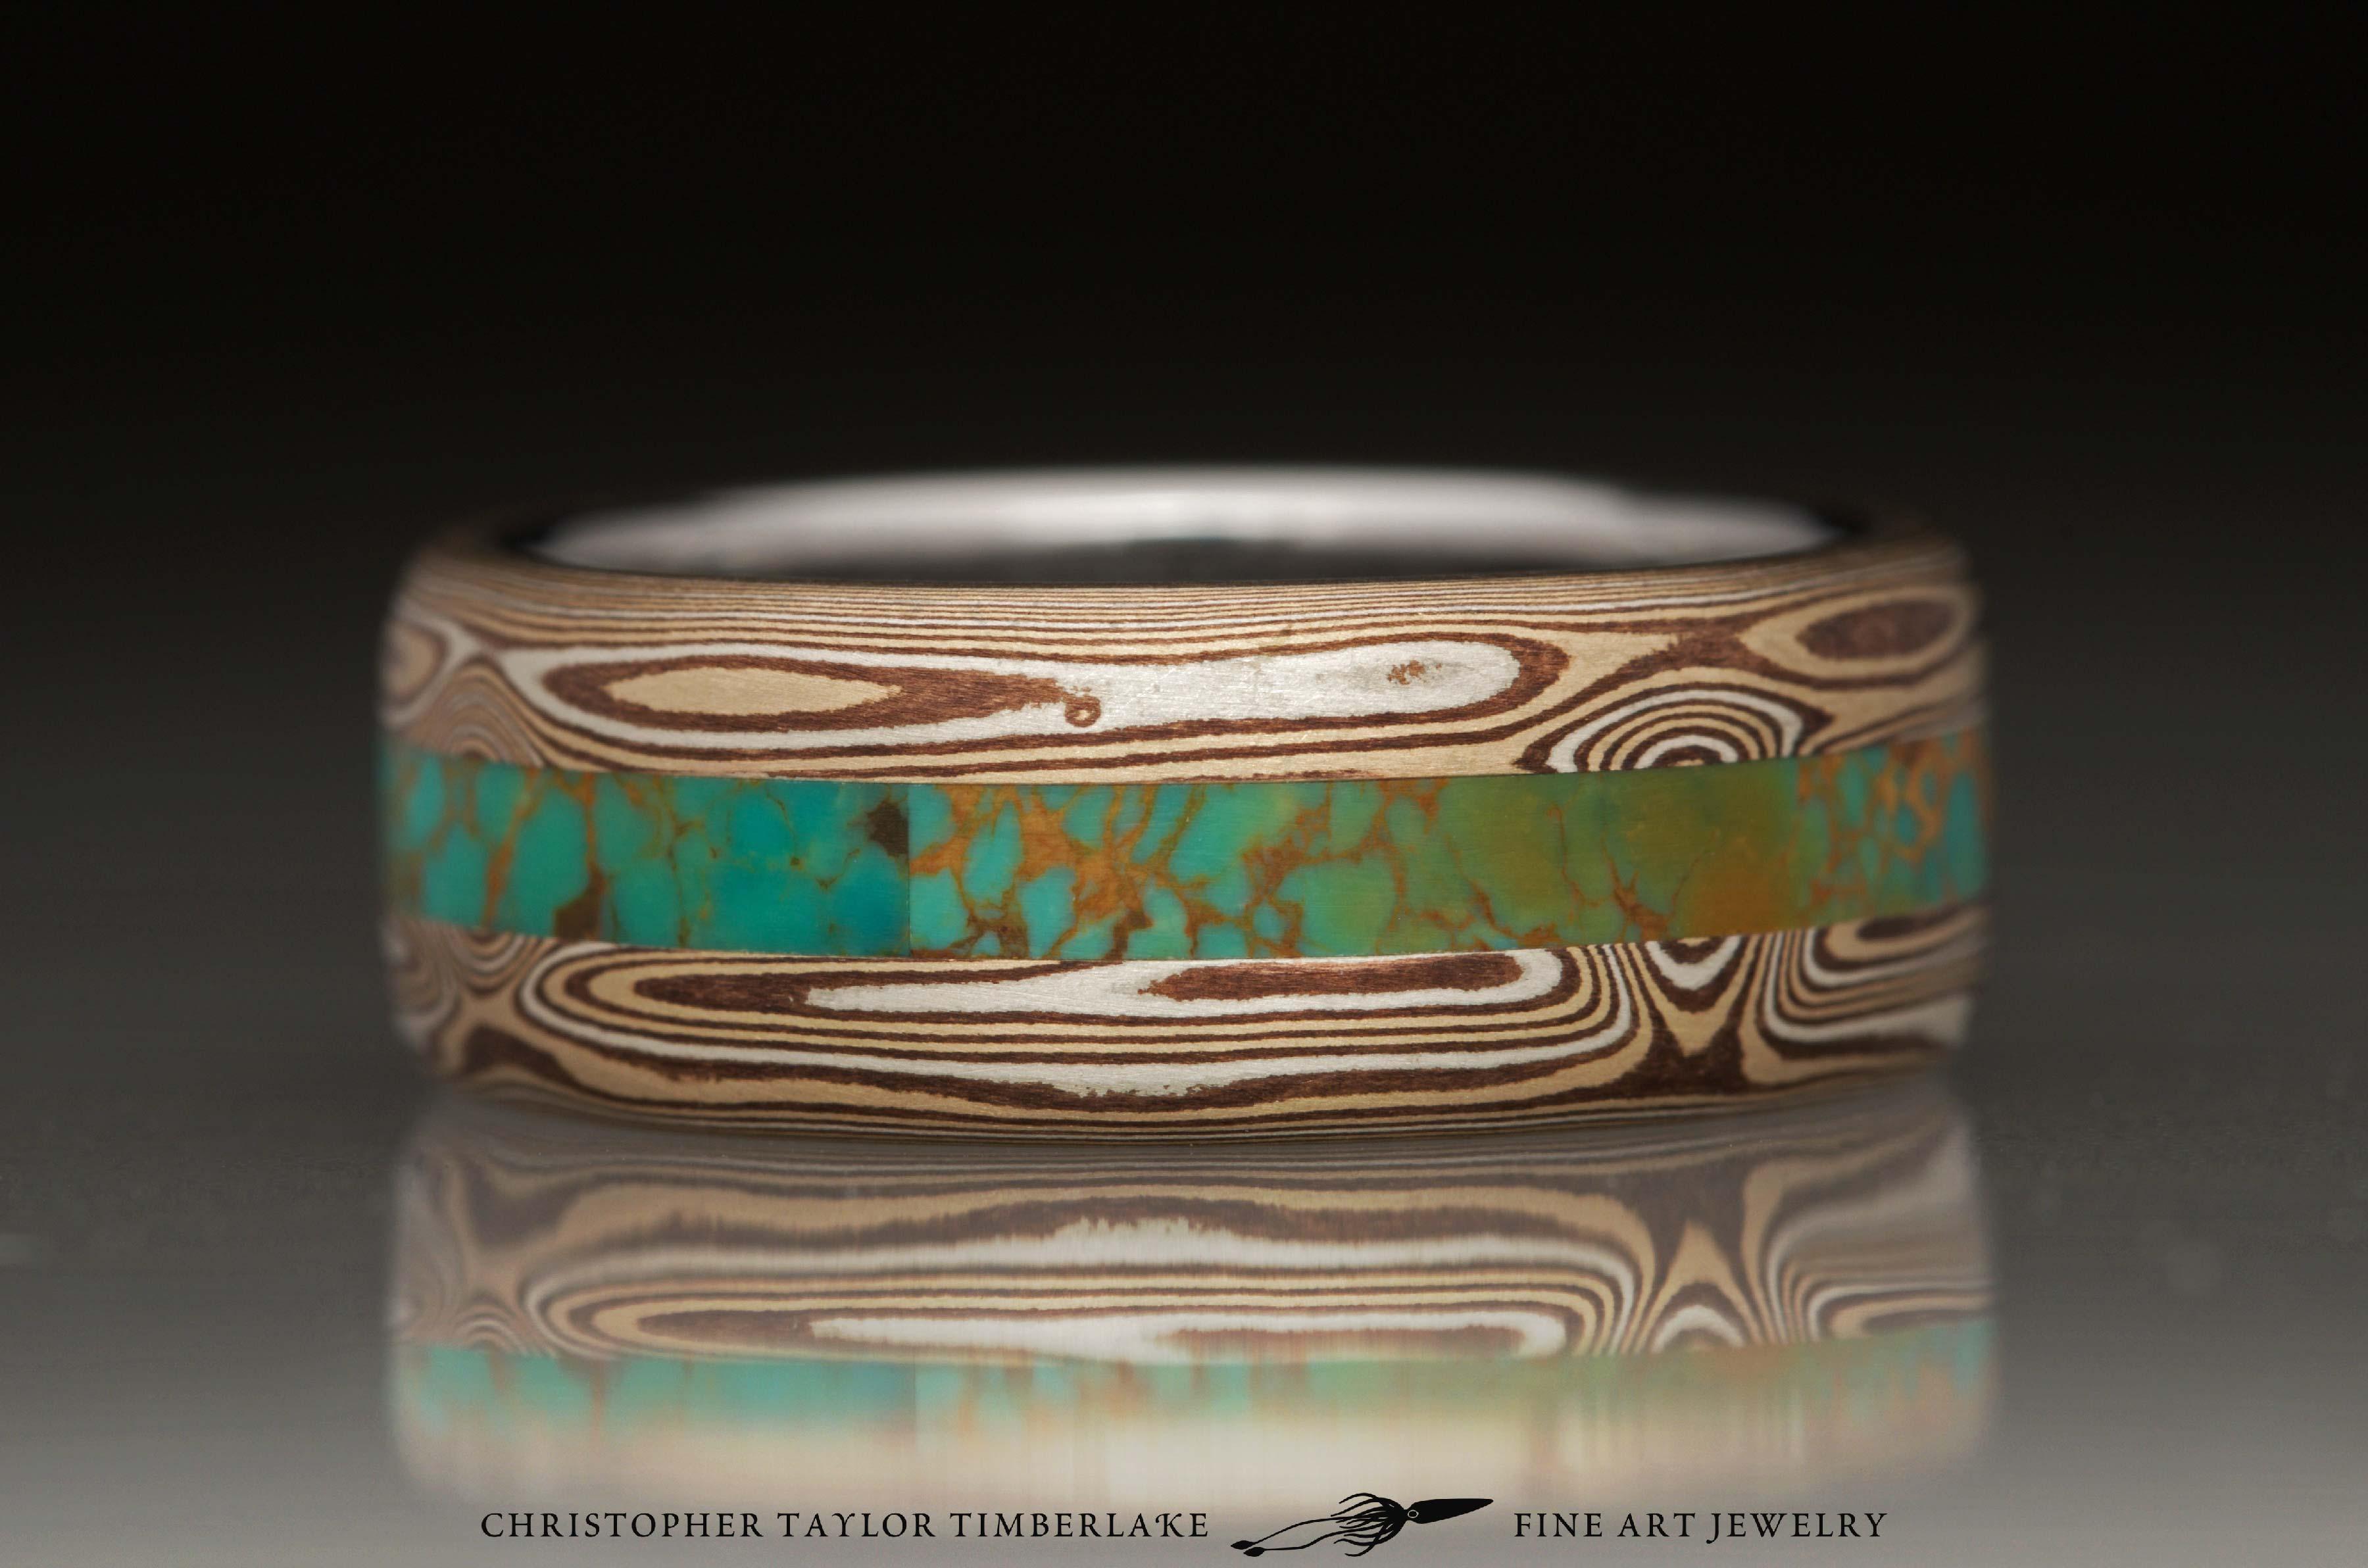 Mokumé, Mokume Gane Ring, M90, sterling silver, shakudo 2k, kogane 3k, turquoise inlay 2.75-2.5-2.75, stainless steel inner band